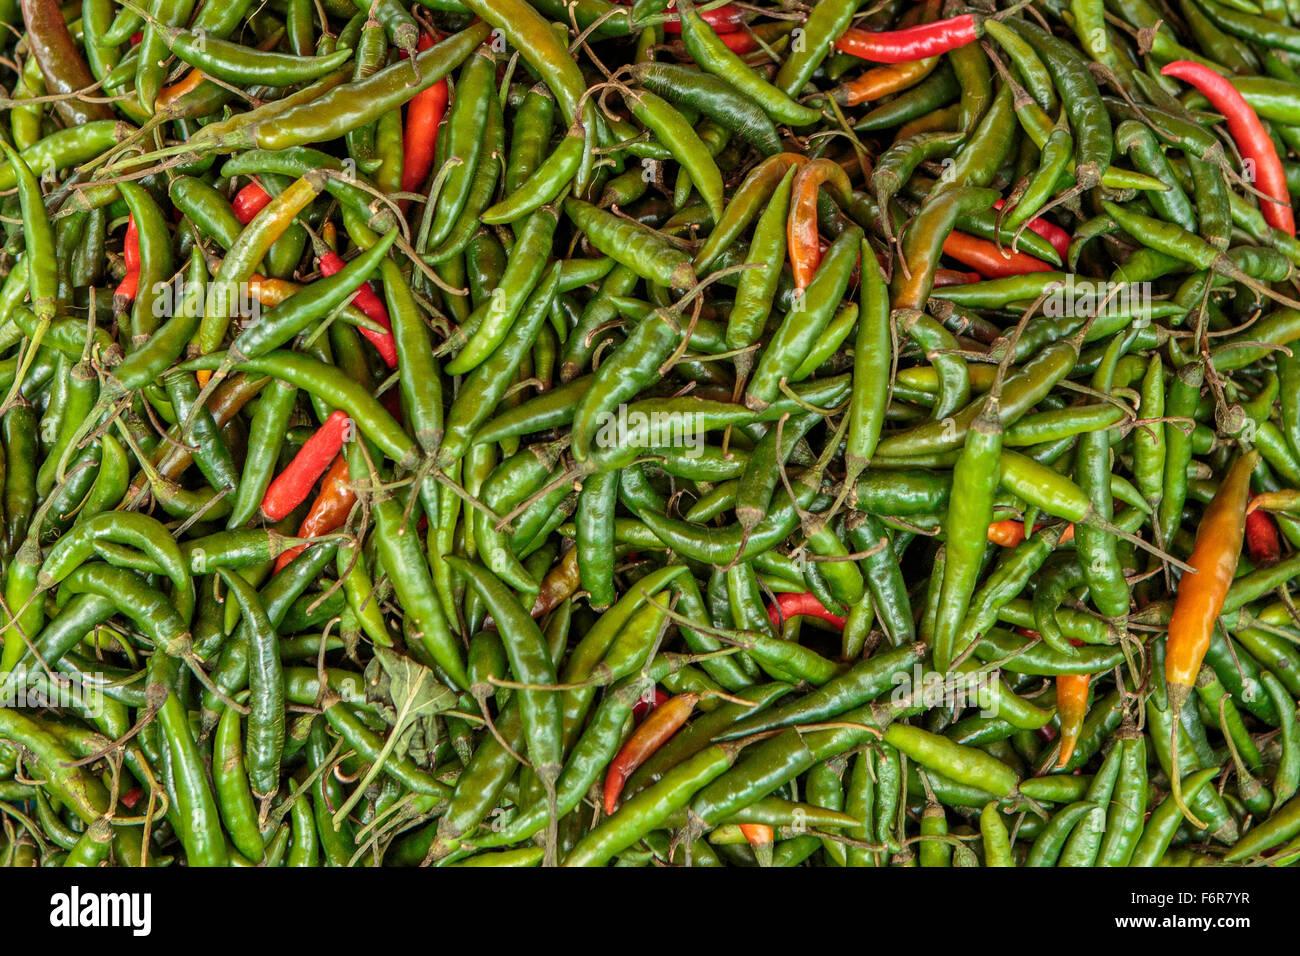 Chillies, Bhutan - Stock Image